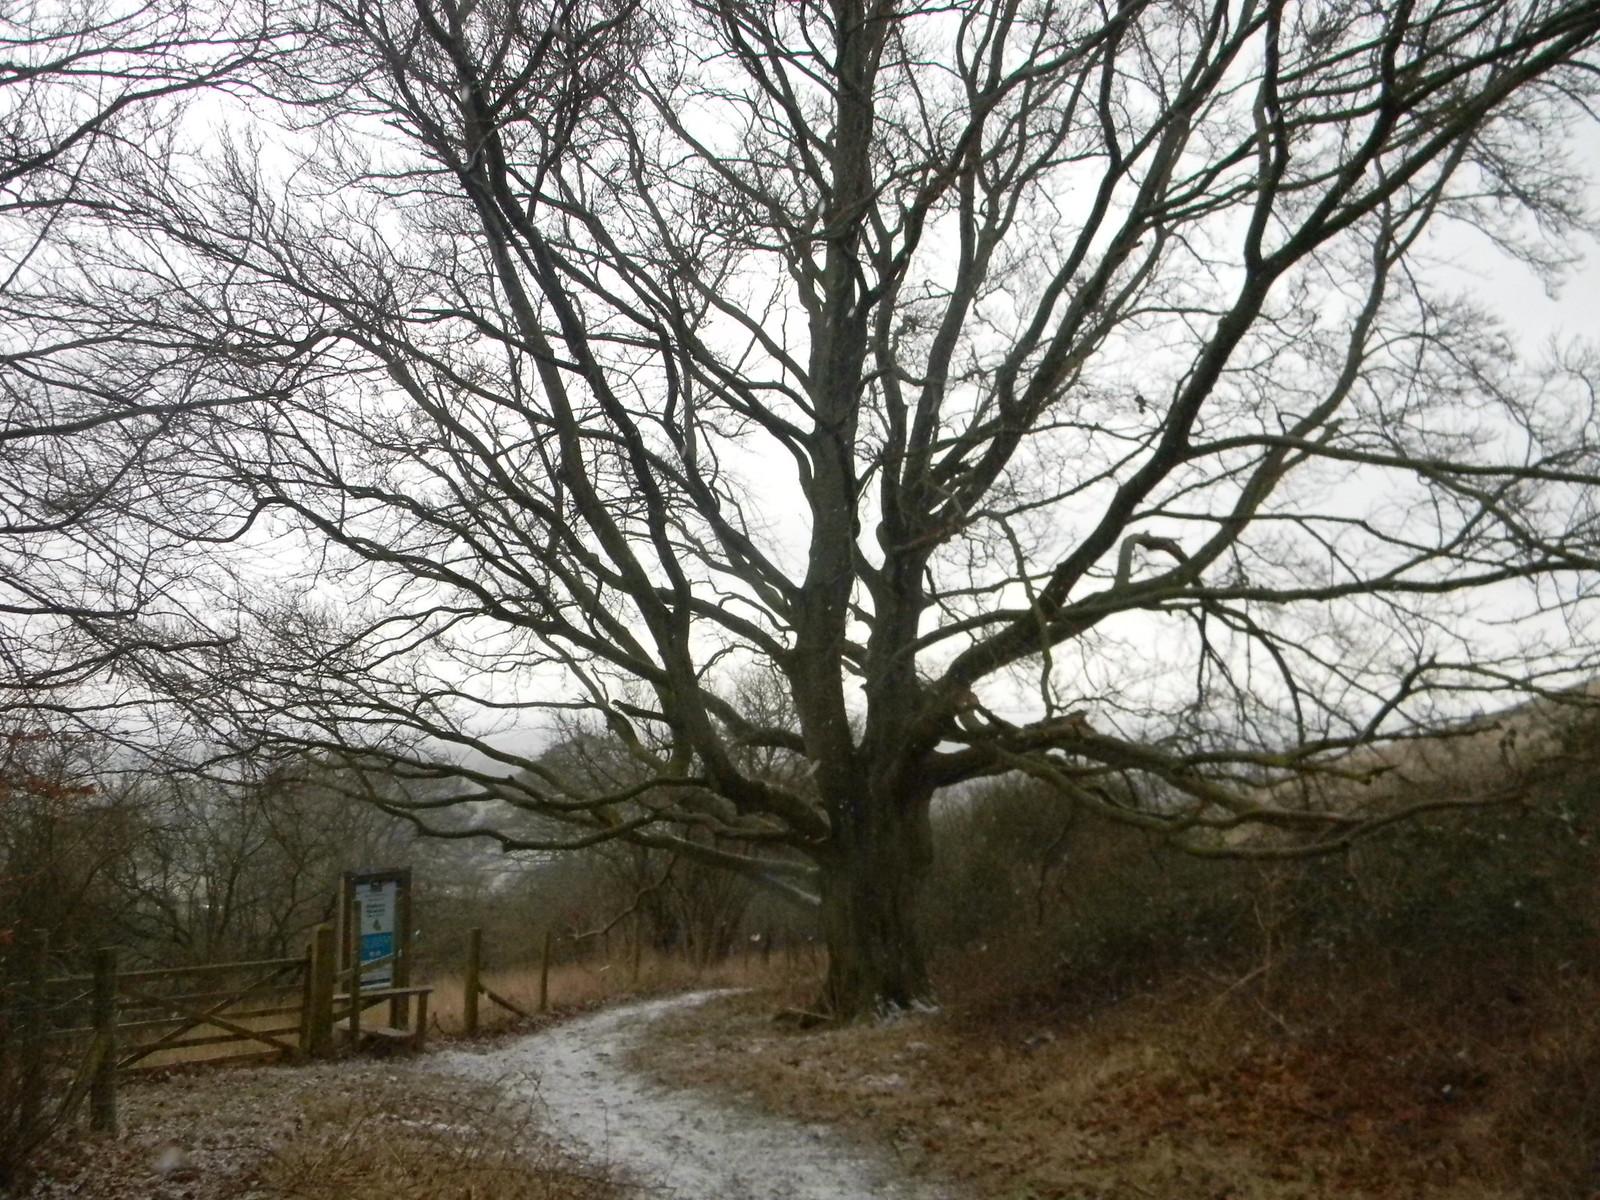 Big tree Tring to Berkhamsted (via shortcut)